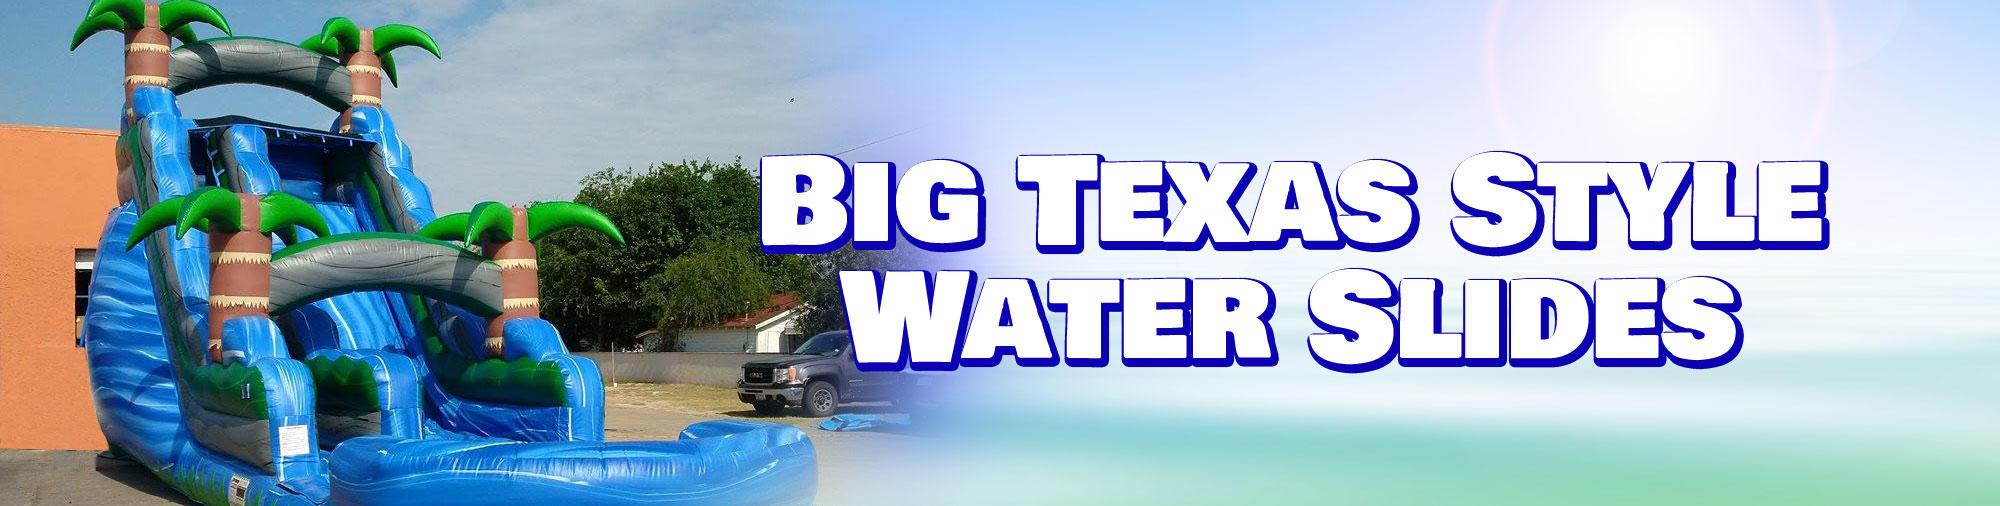 water slide rentals Edinburg TX